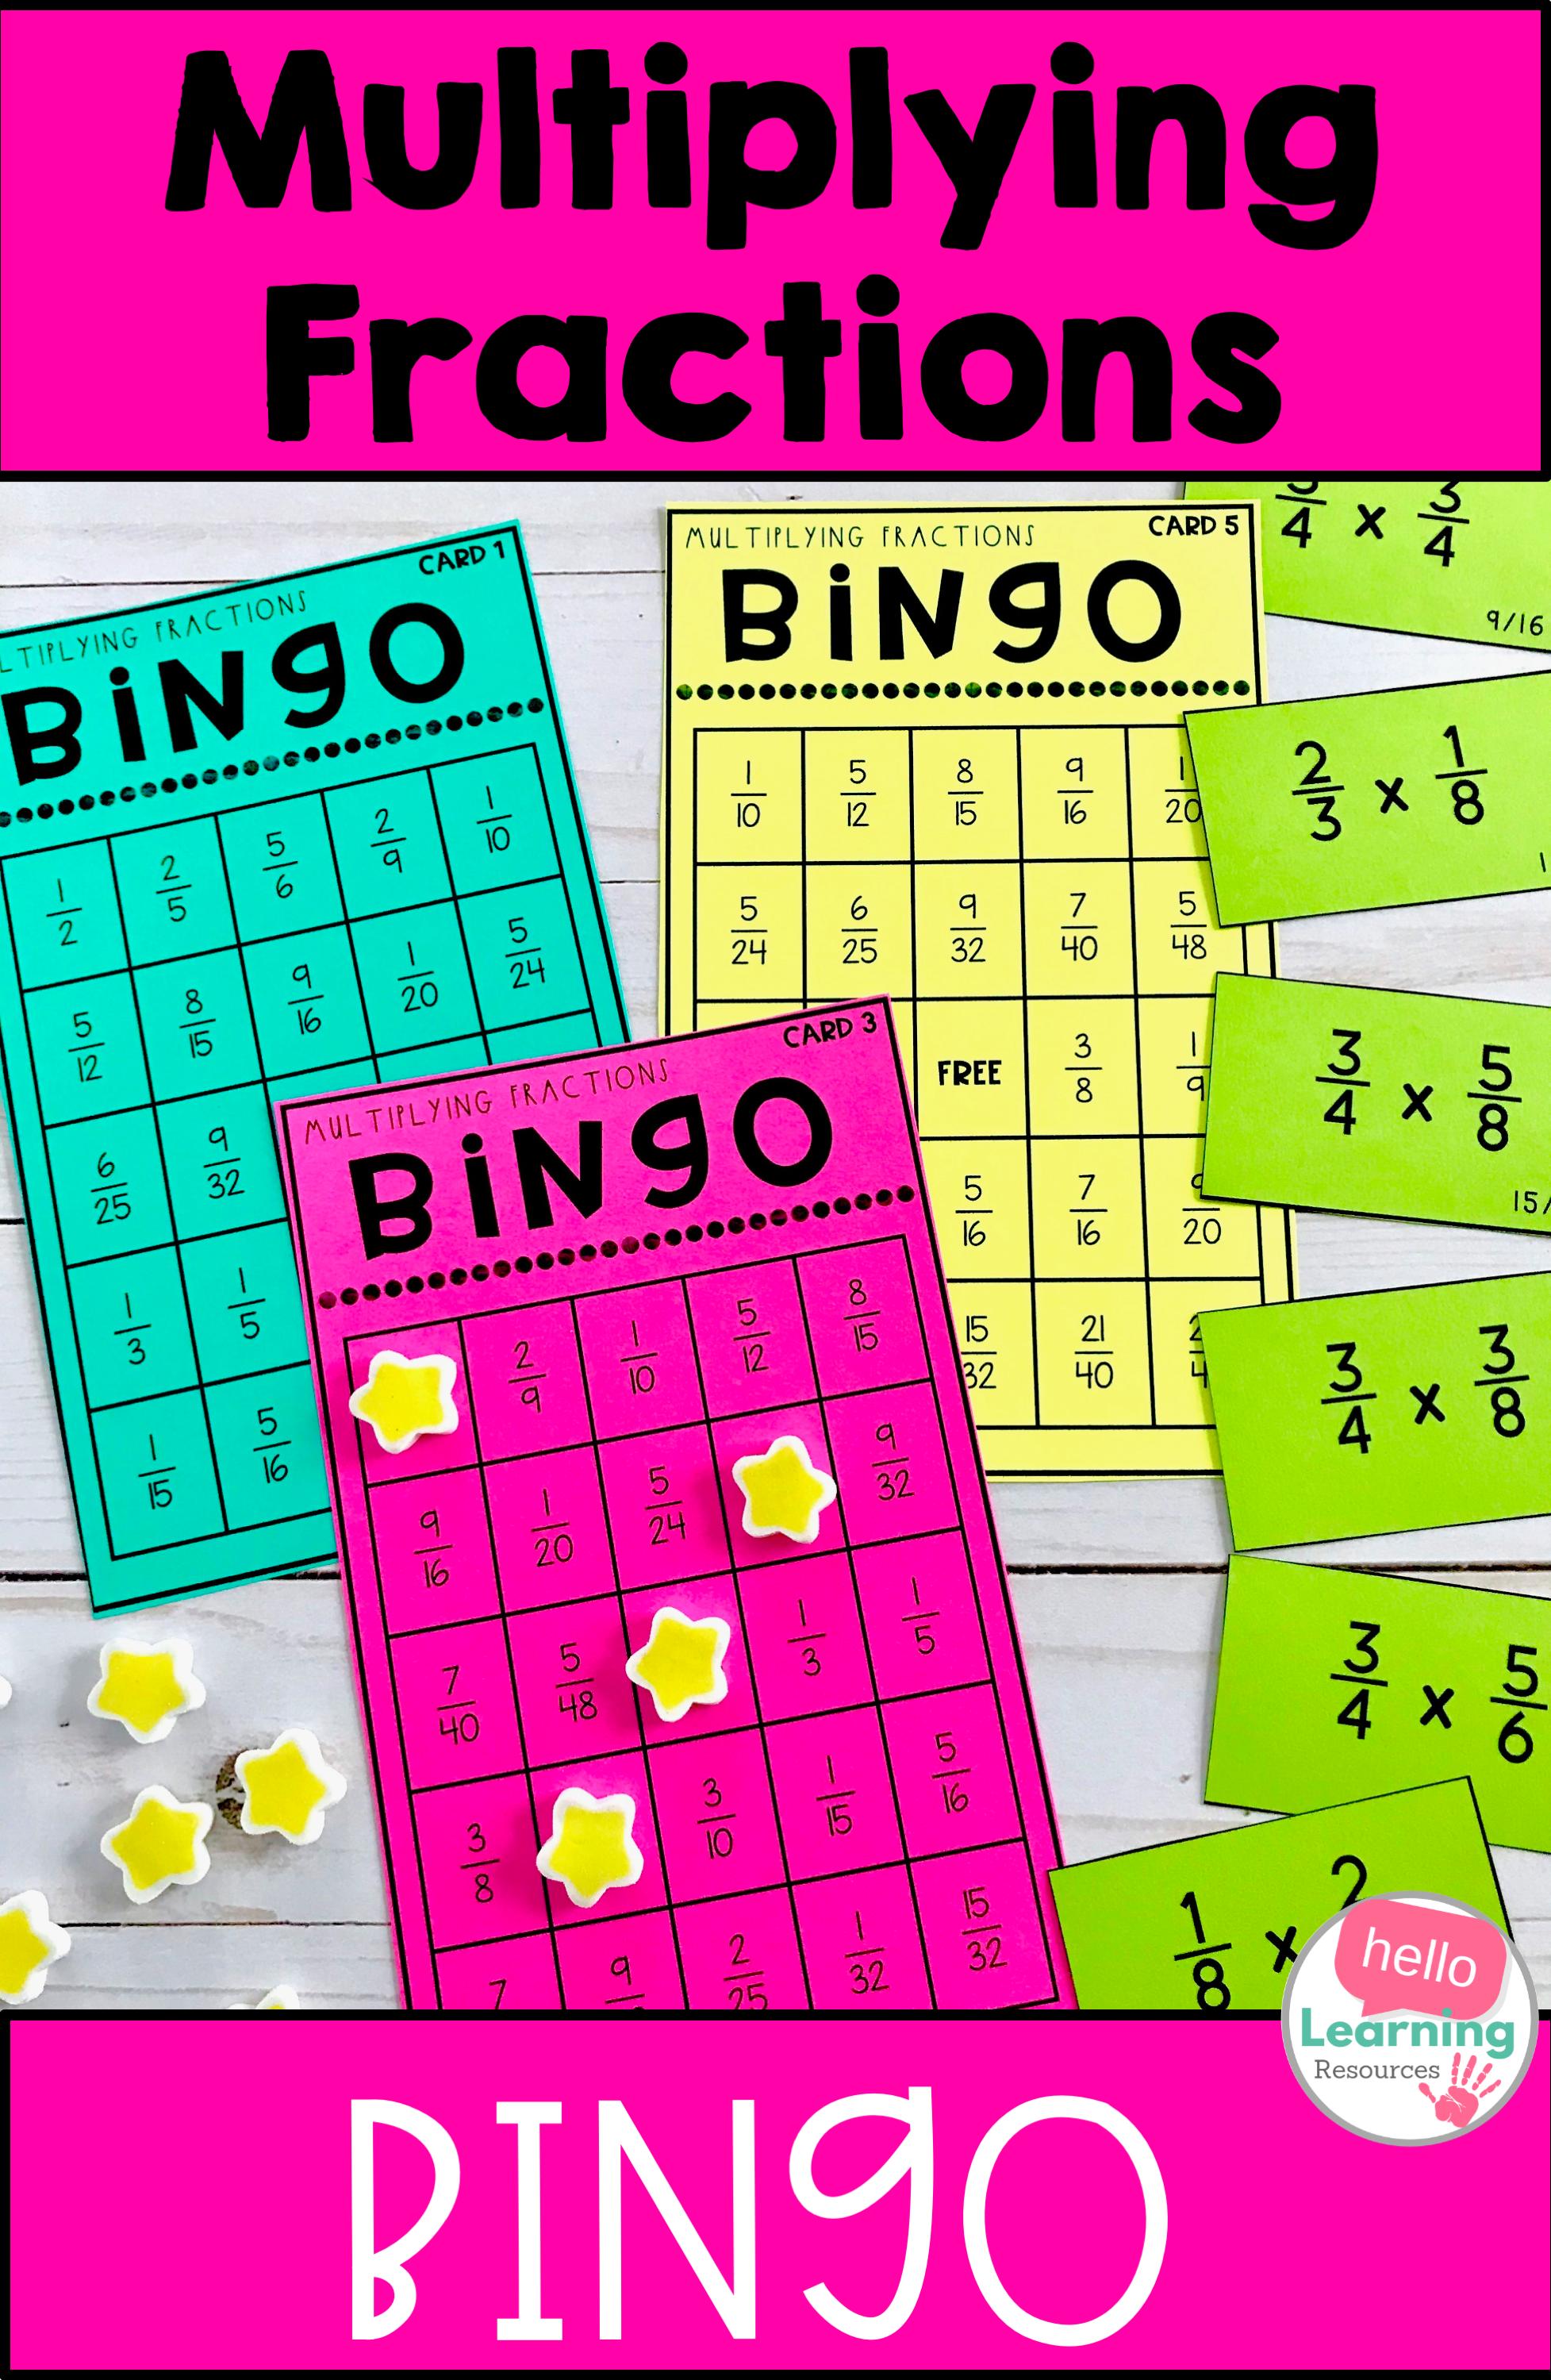 Multiplying Fractions Bingo Game In